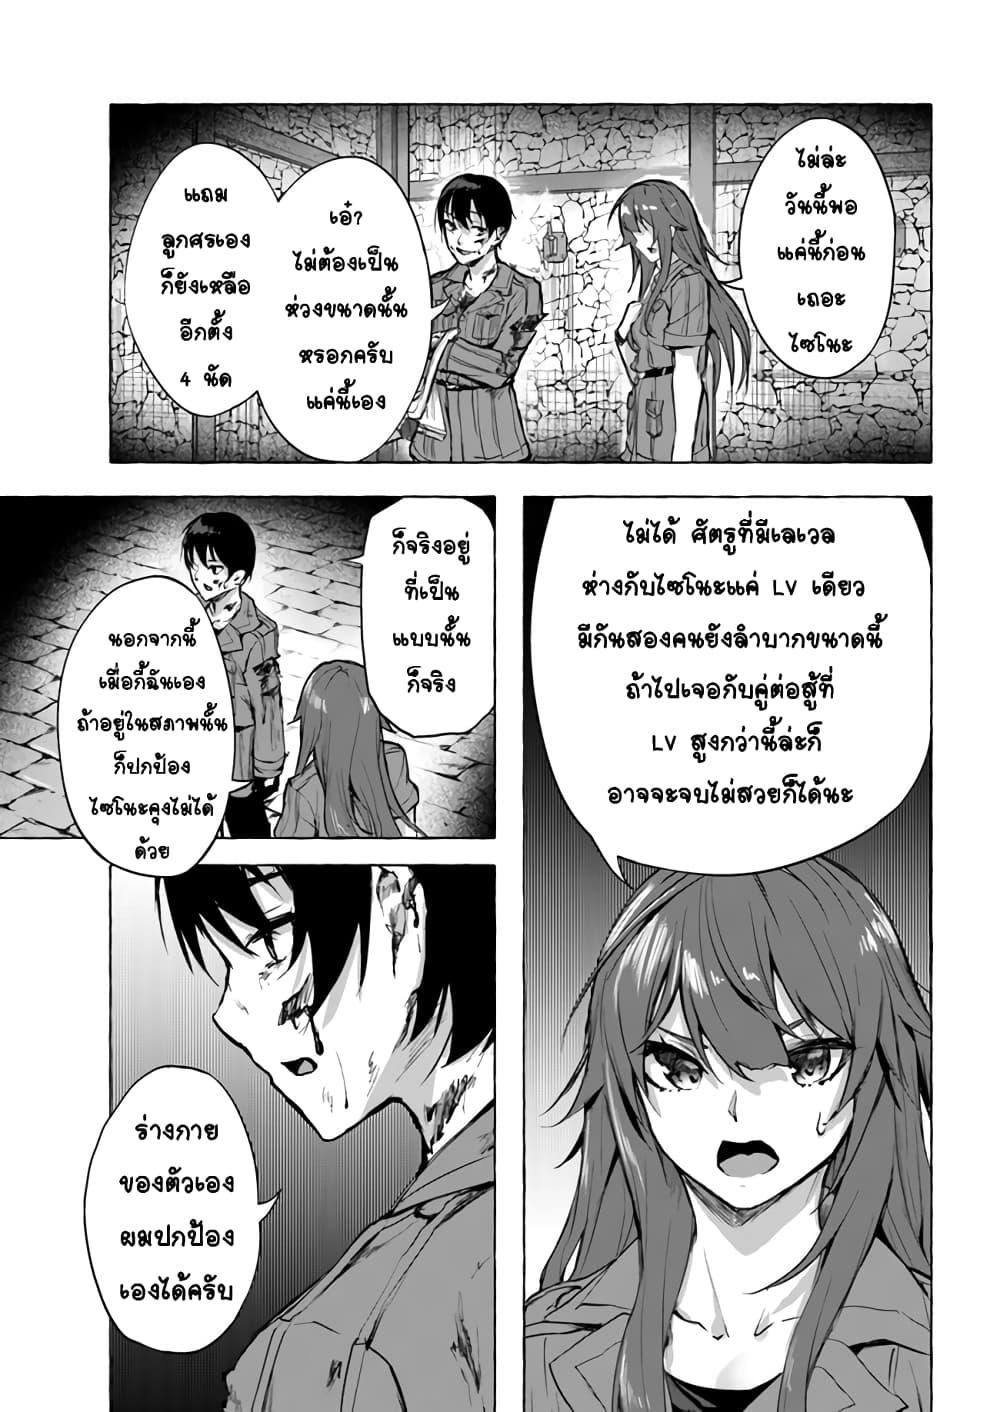 อ่านการ์ตูน Sex and Dungeon! ตอนที่ 8 หน้าที่ 19